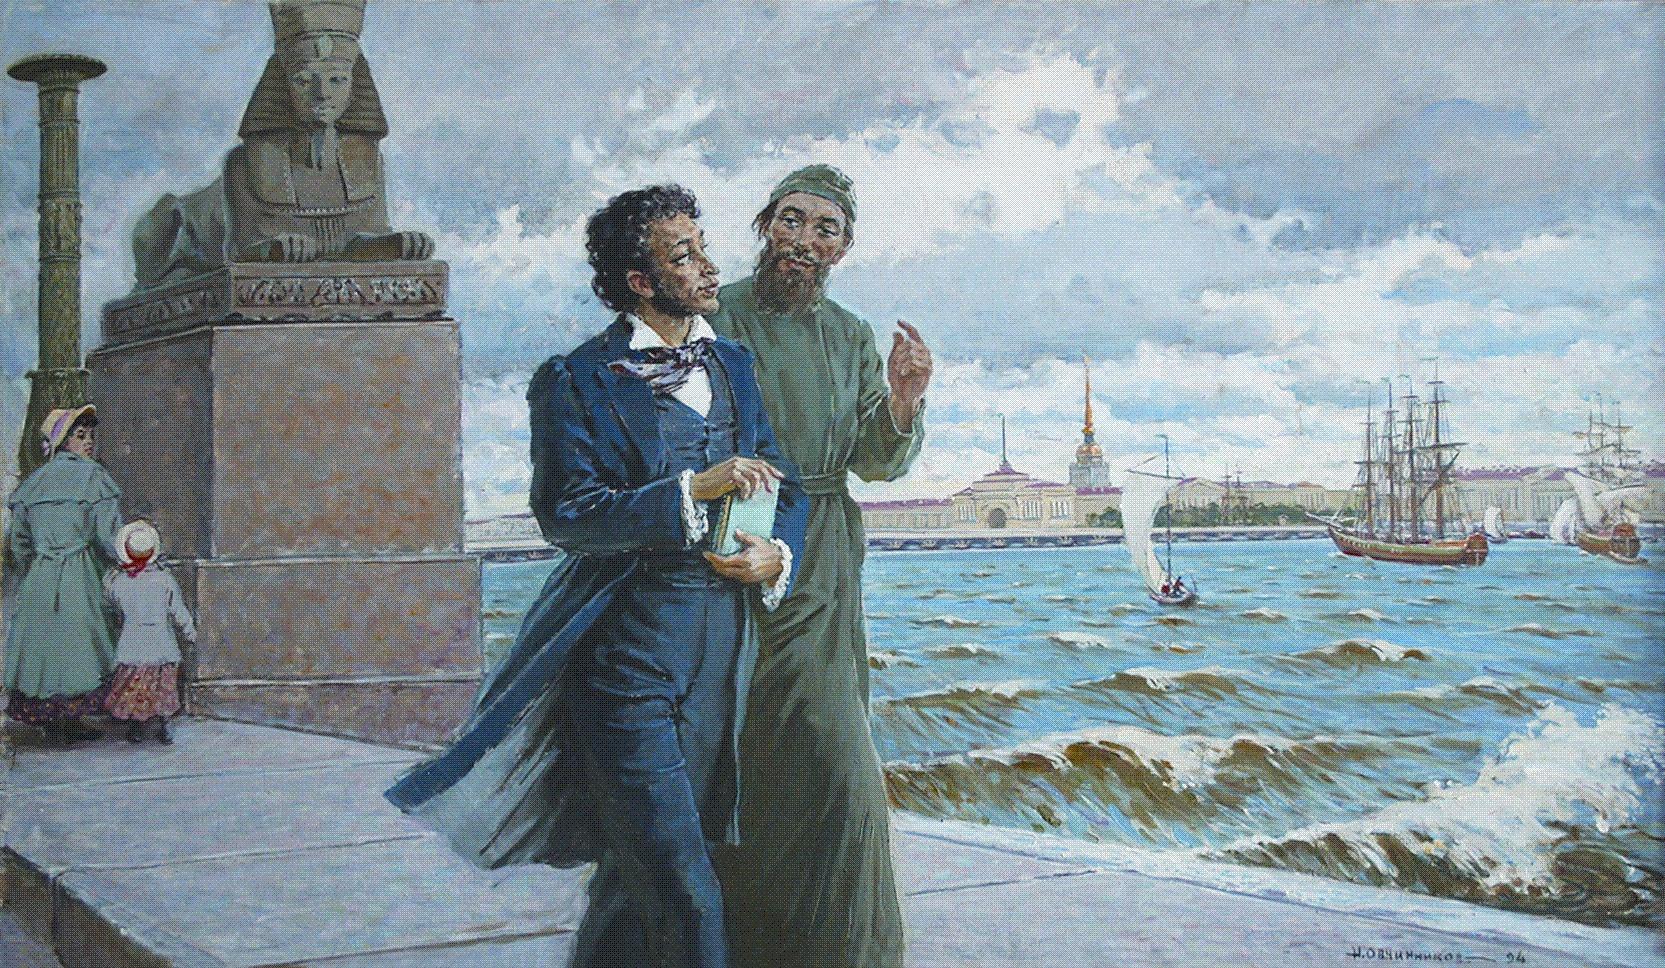 Н.В. Овчинников. «А. Пушкин и Н. Бичурин в Петербурге», 1995.Фото: enc.cap.ru